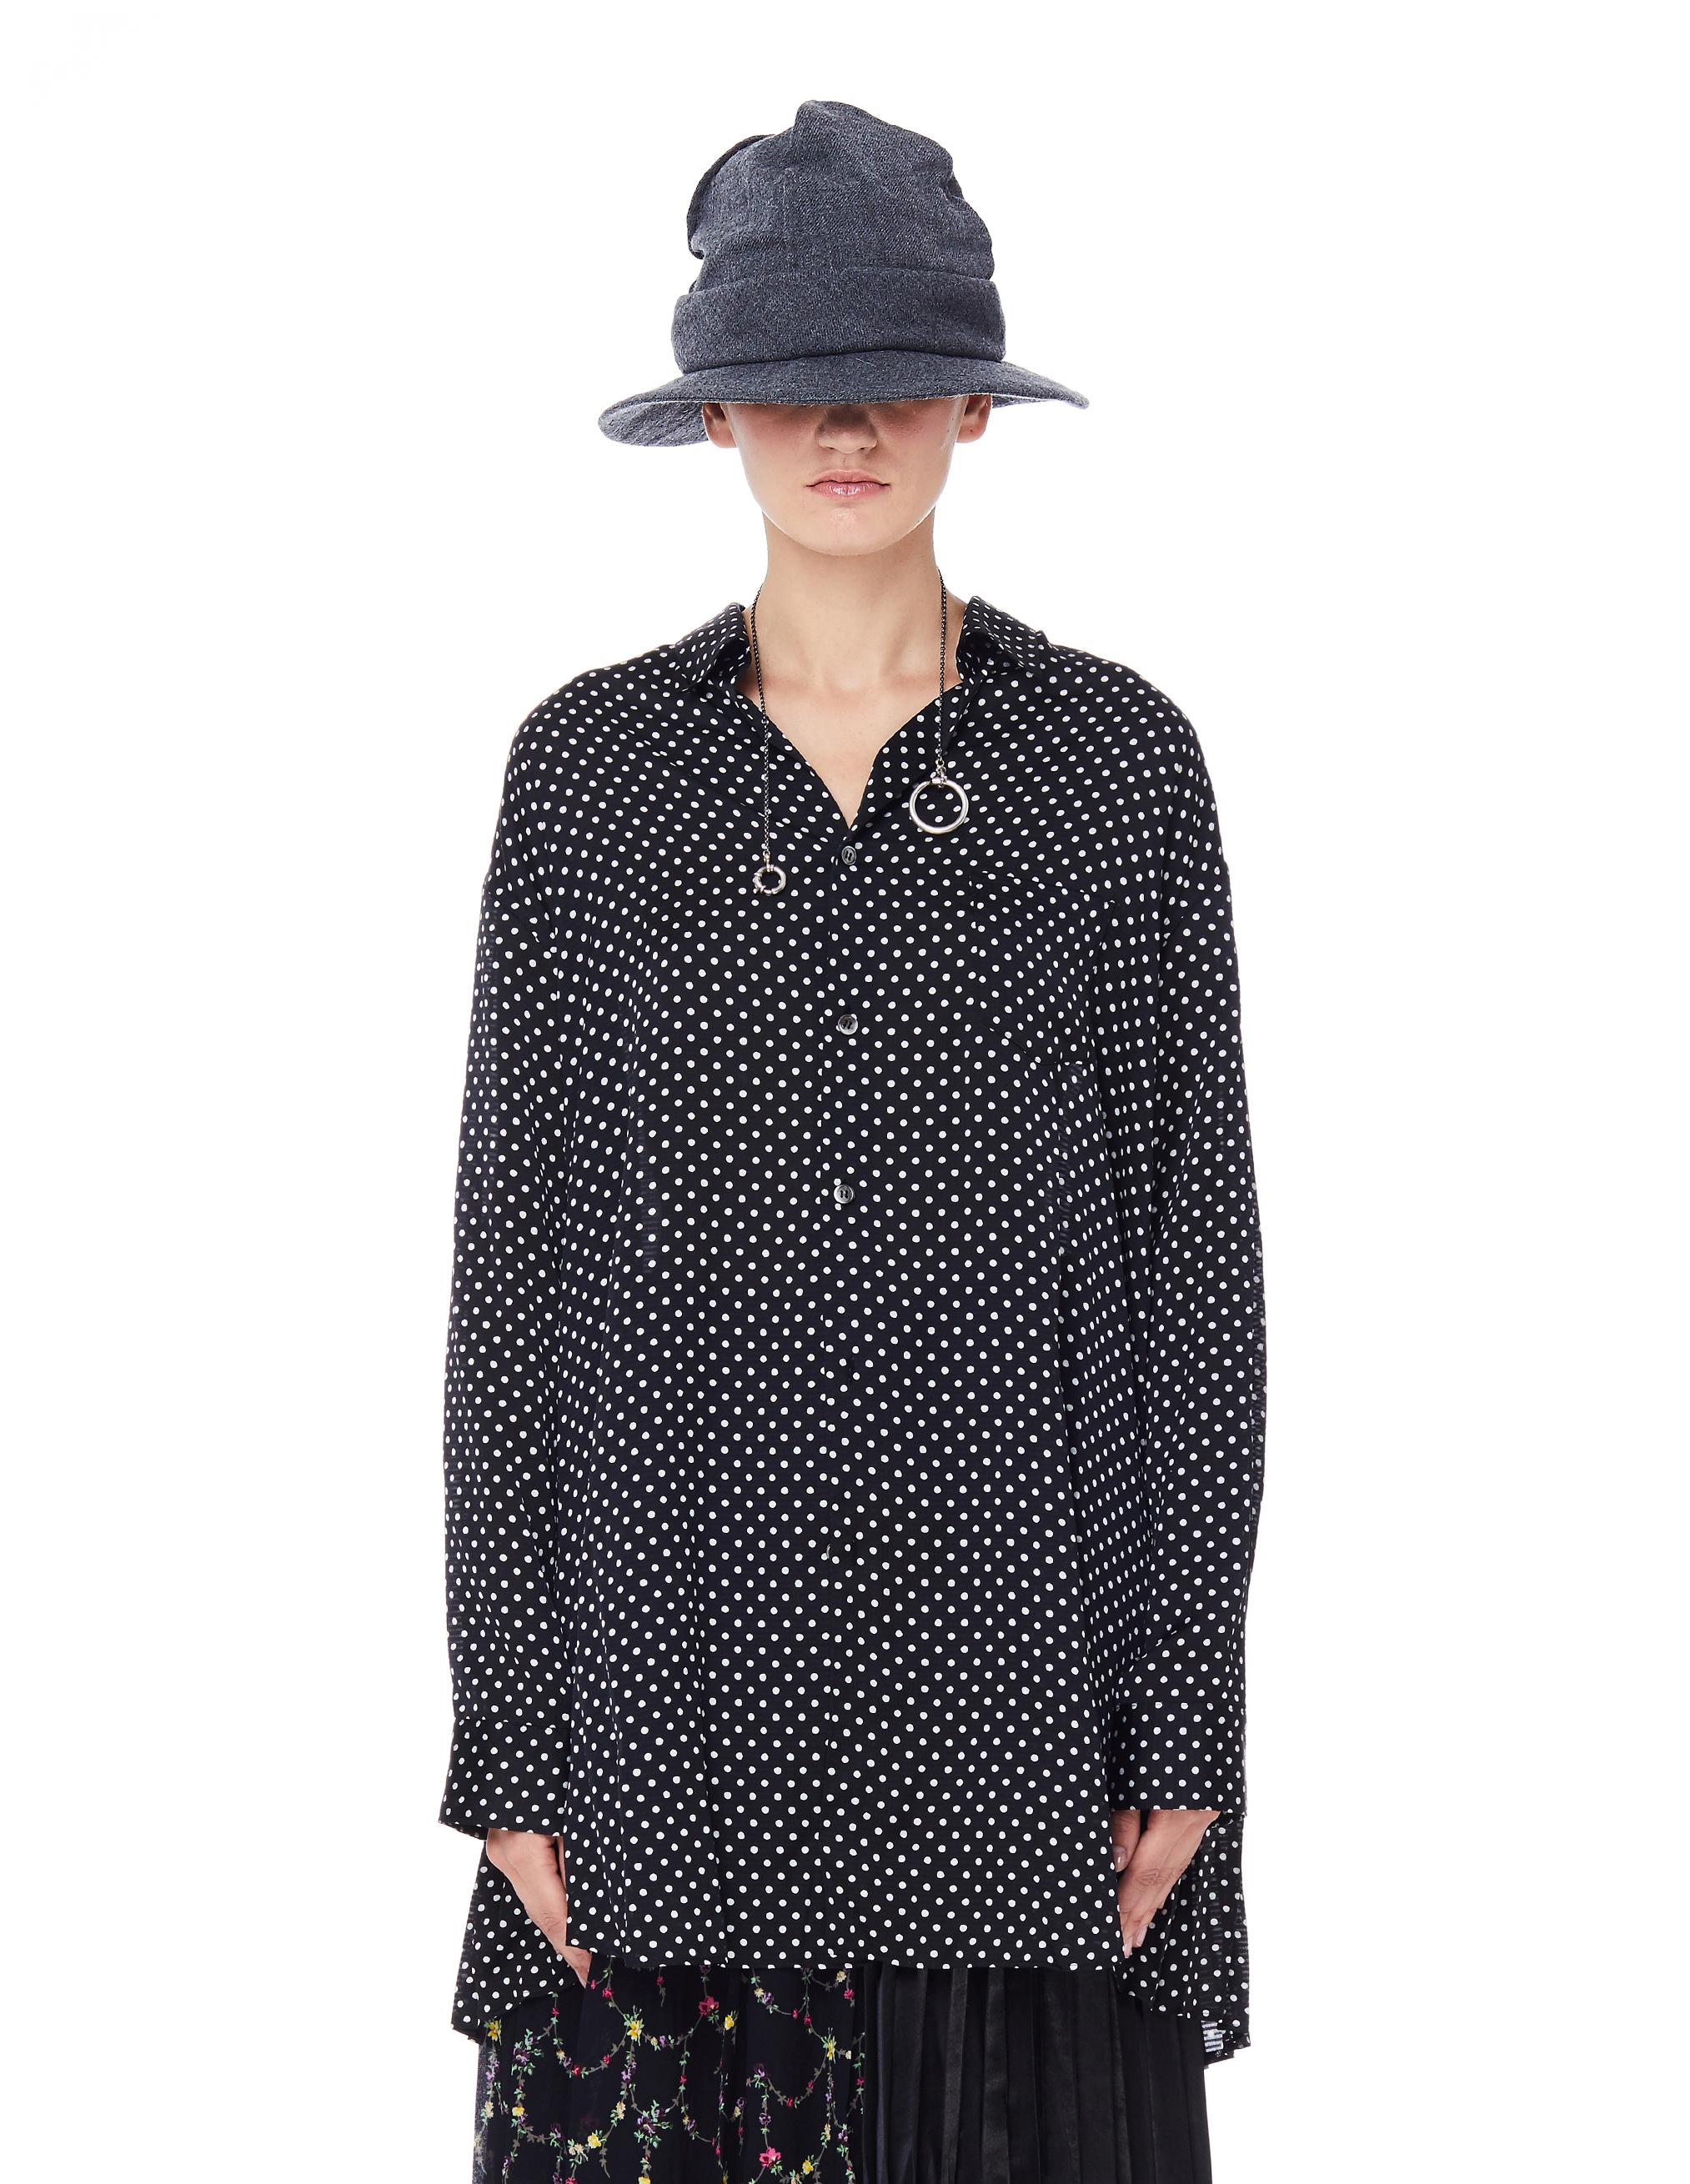 Junya Watanabe Black Polka Dot Printed Shirt